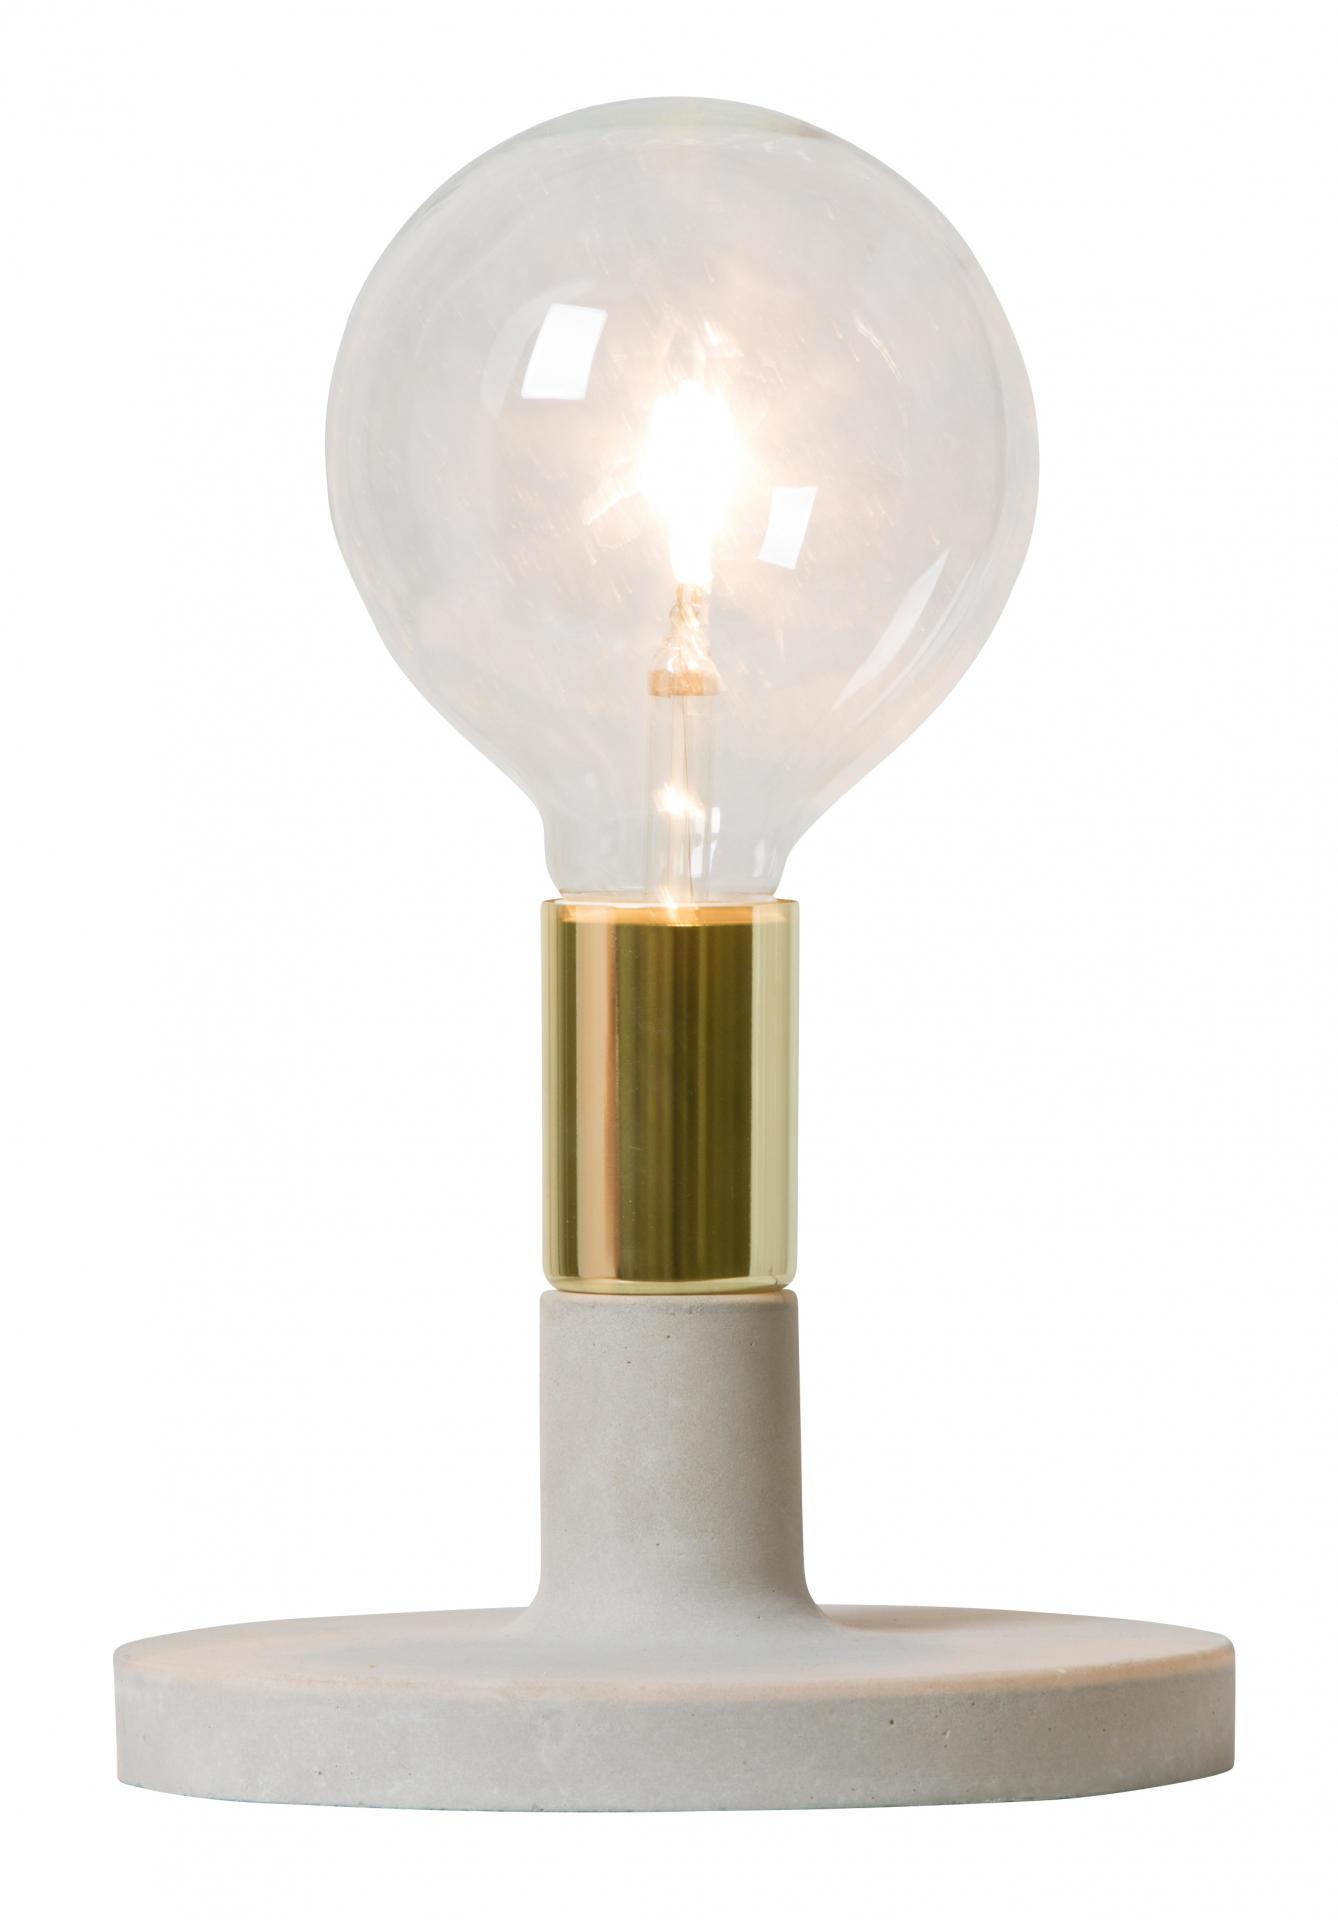 watt & VEKE Lampa s betonovým podstavcem Linda Gold, šedá barva, zlatá barva, kov, plast, beton